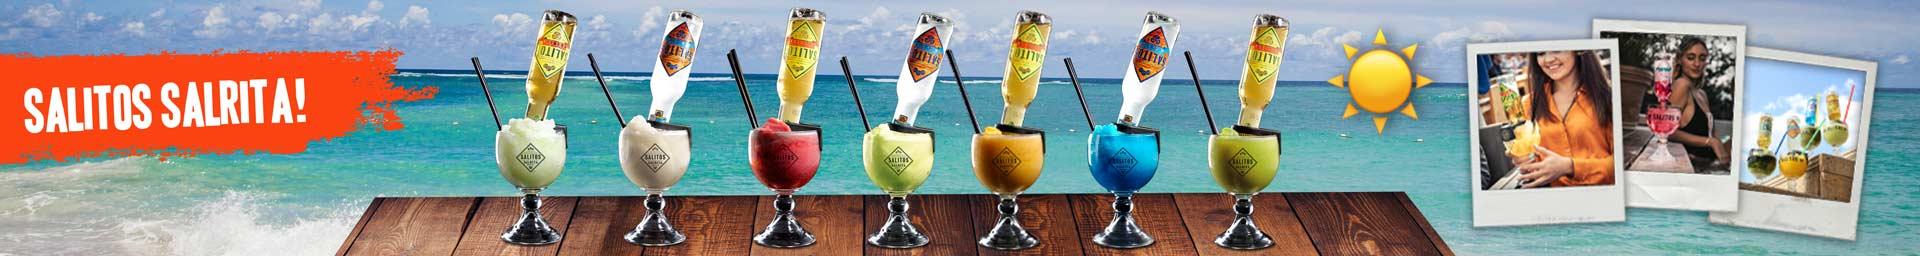 Salitos Salrita Cocktail